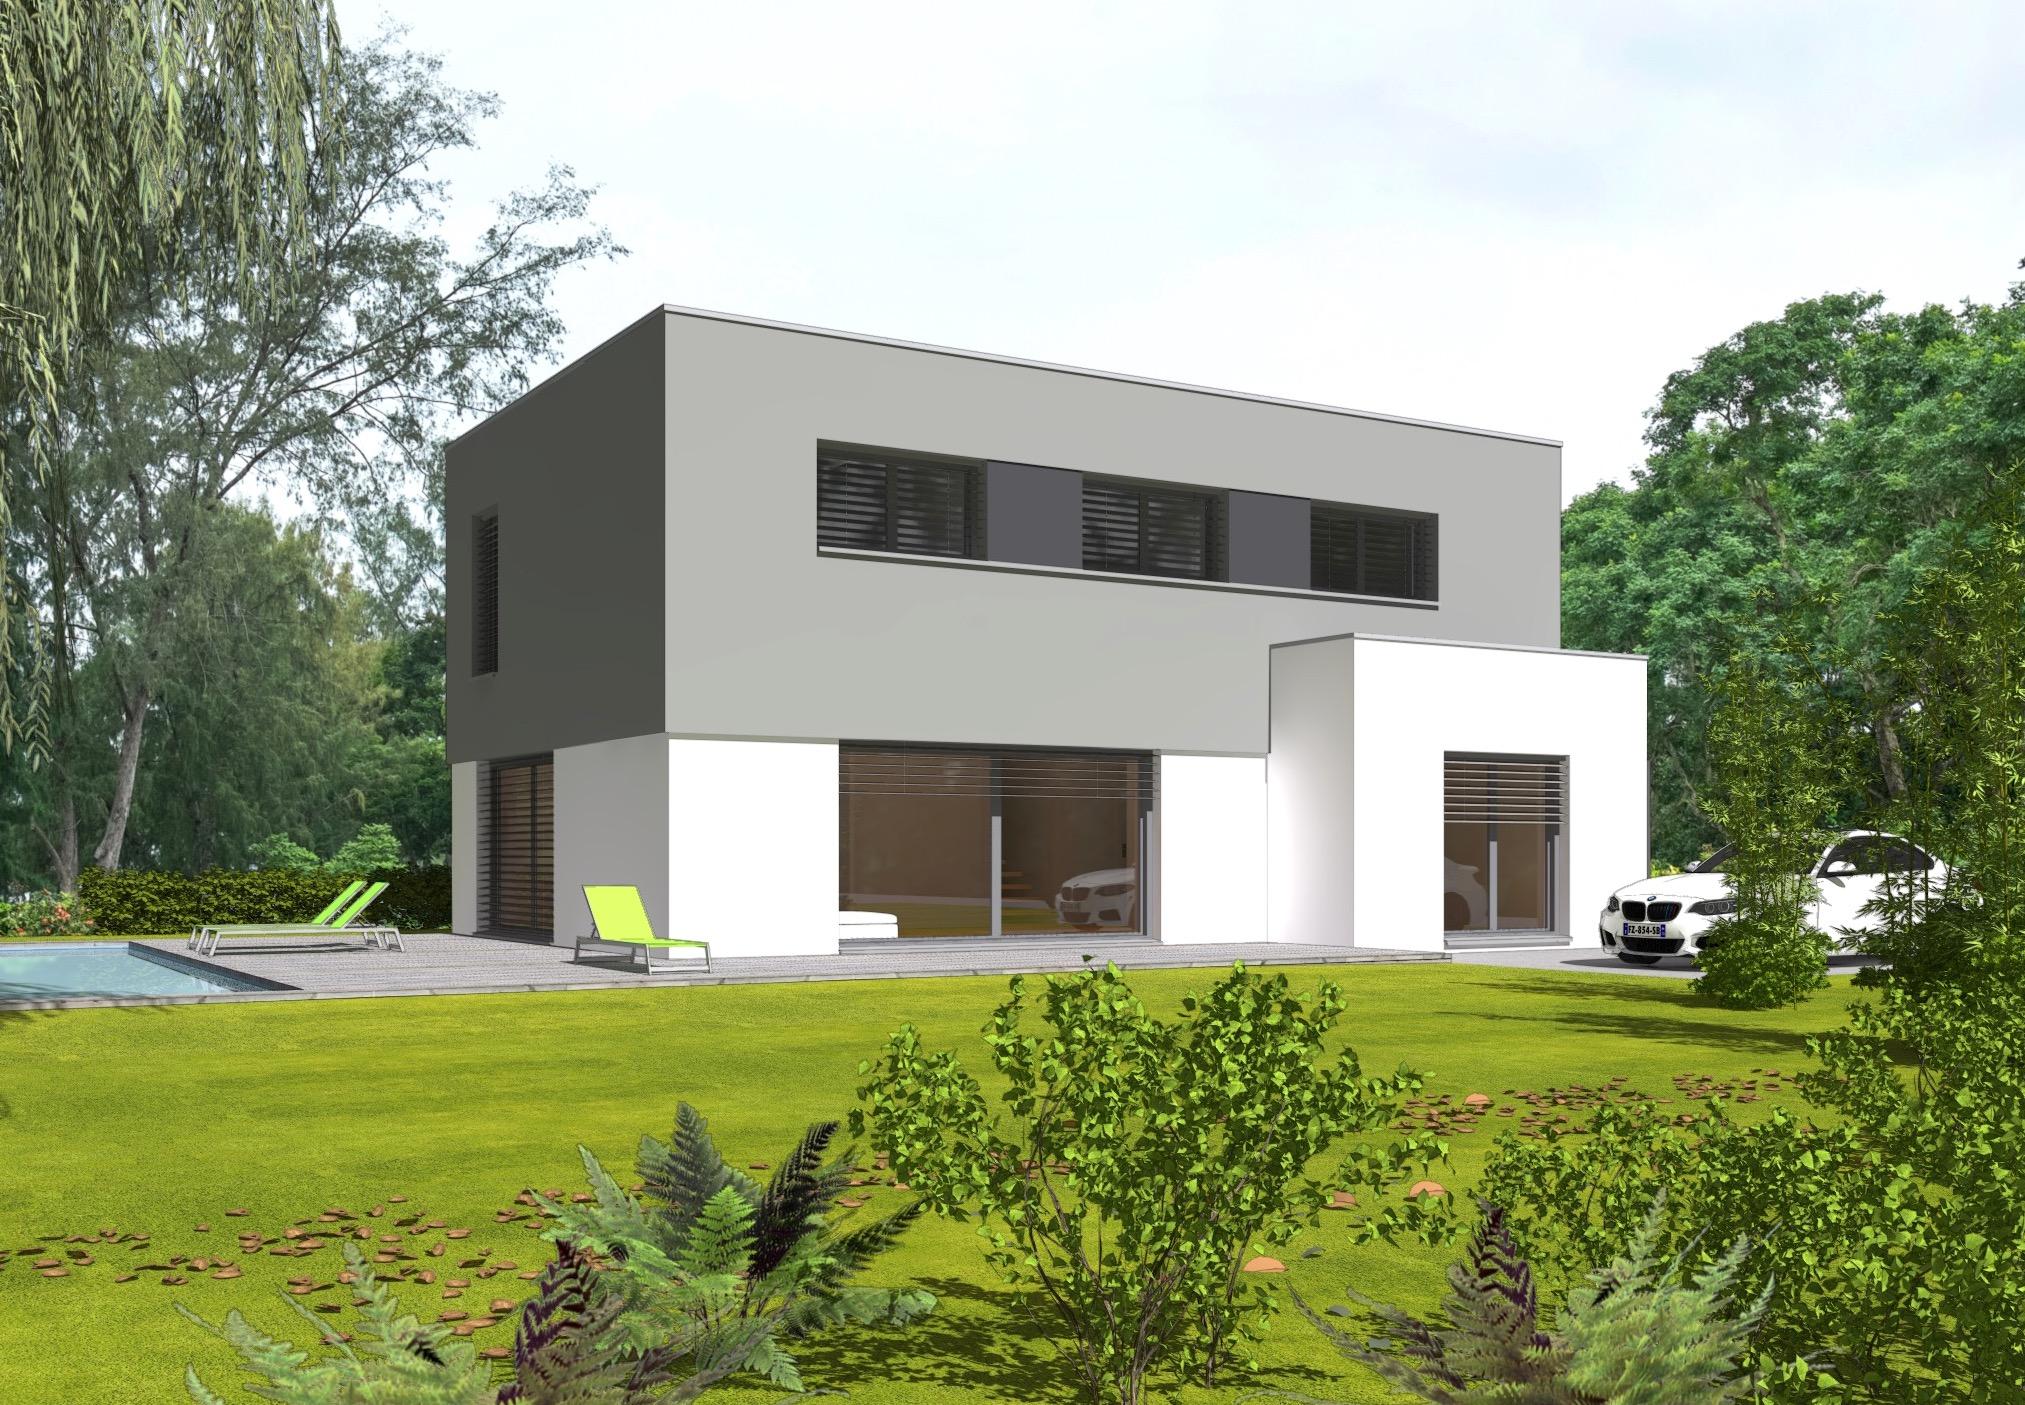 Maison passive seule de 150 m2 construire sur votre for Prix maison seule